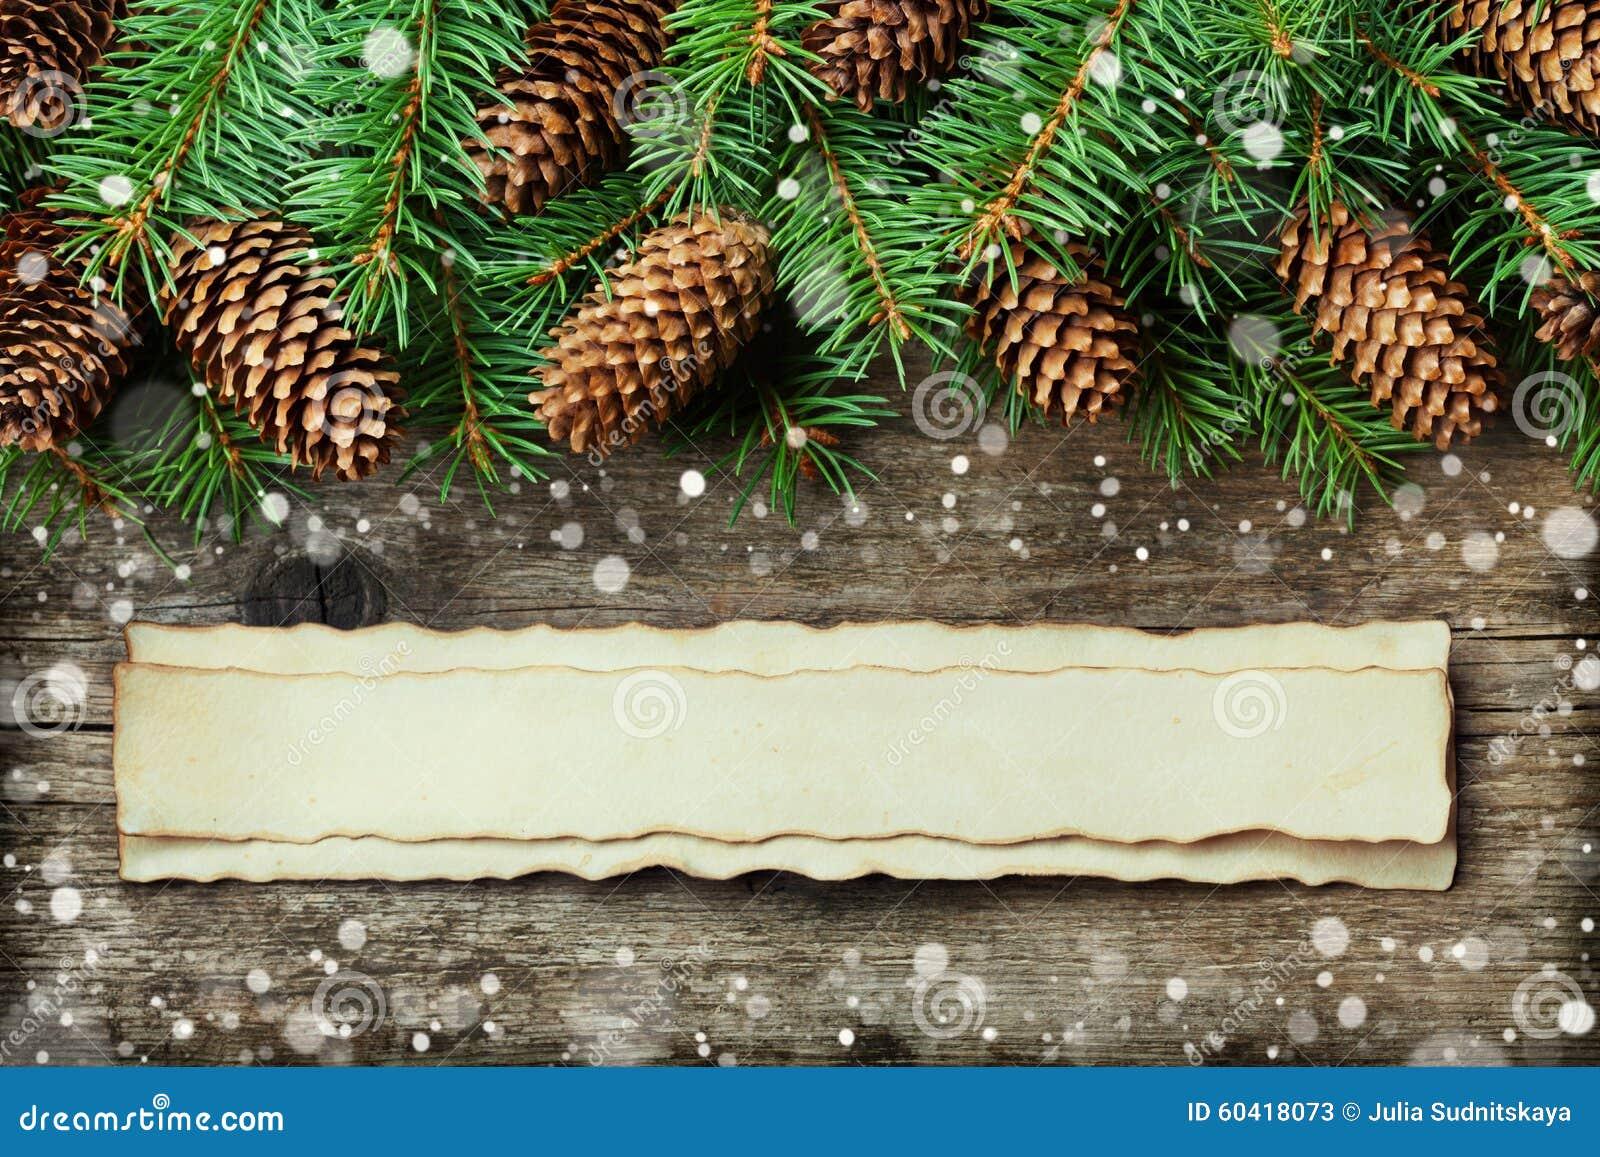 Weihnachtshintergrund des Tannenbaums und des Nadelbaumkegels auf hölzernem Brett der alten Weinlese, fantastischer Schneeeffekt